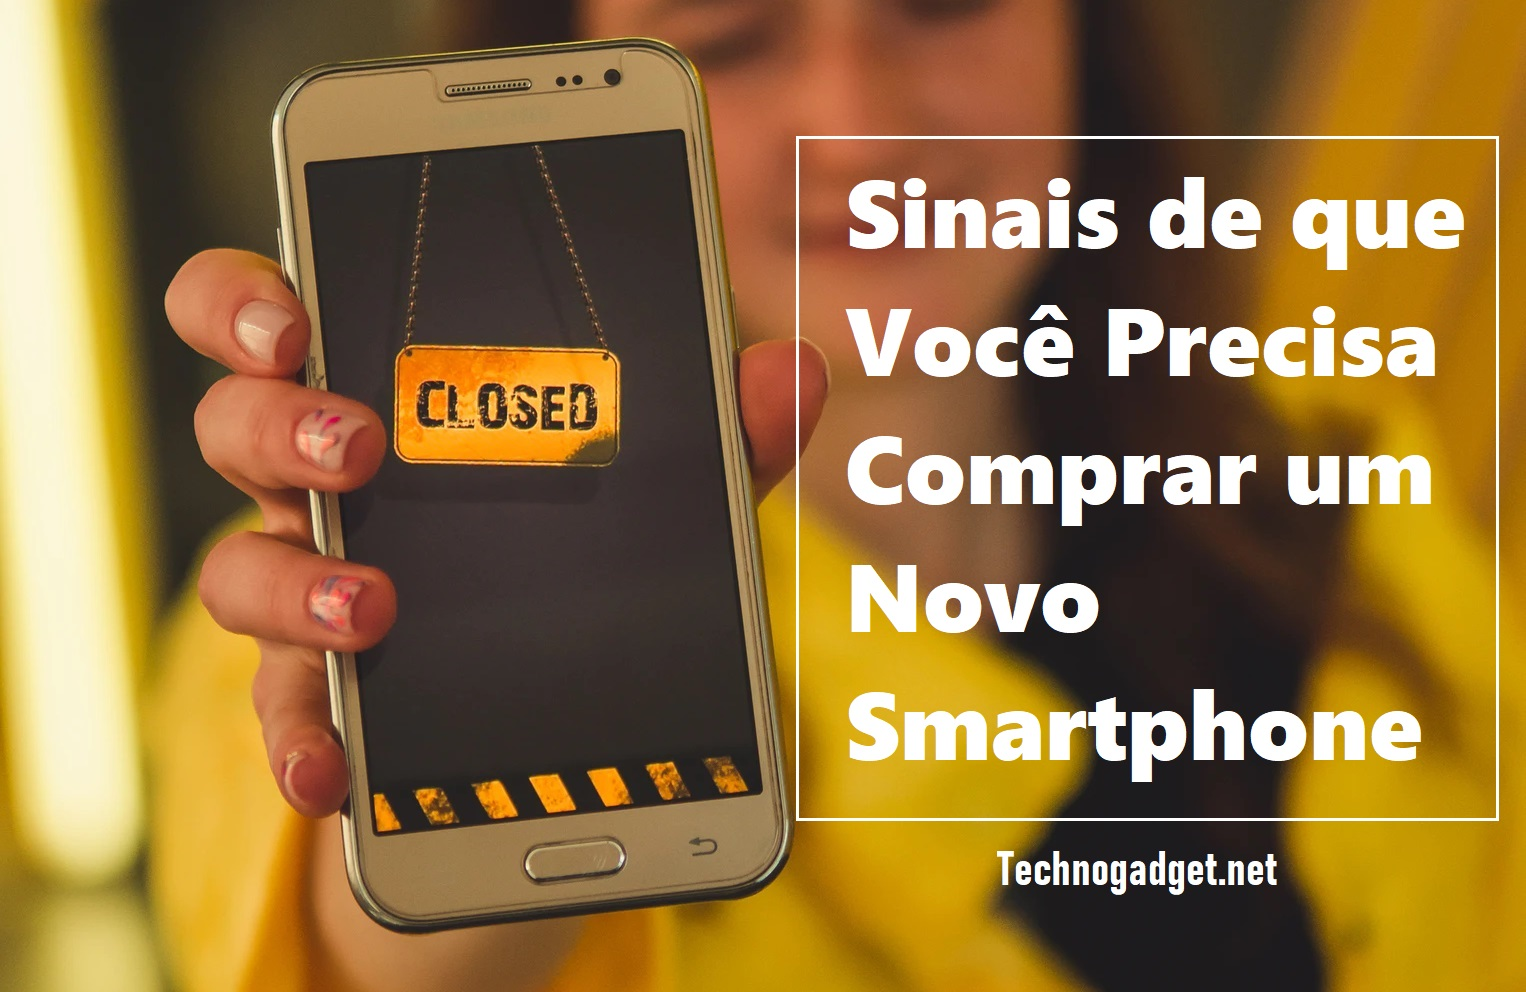 Sinais de que Você Precisa Comprar um Novo Smartphone